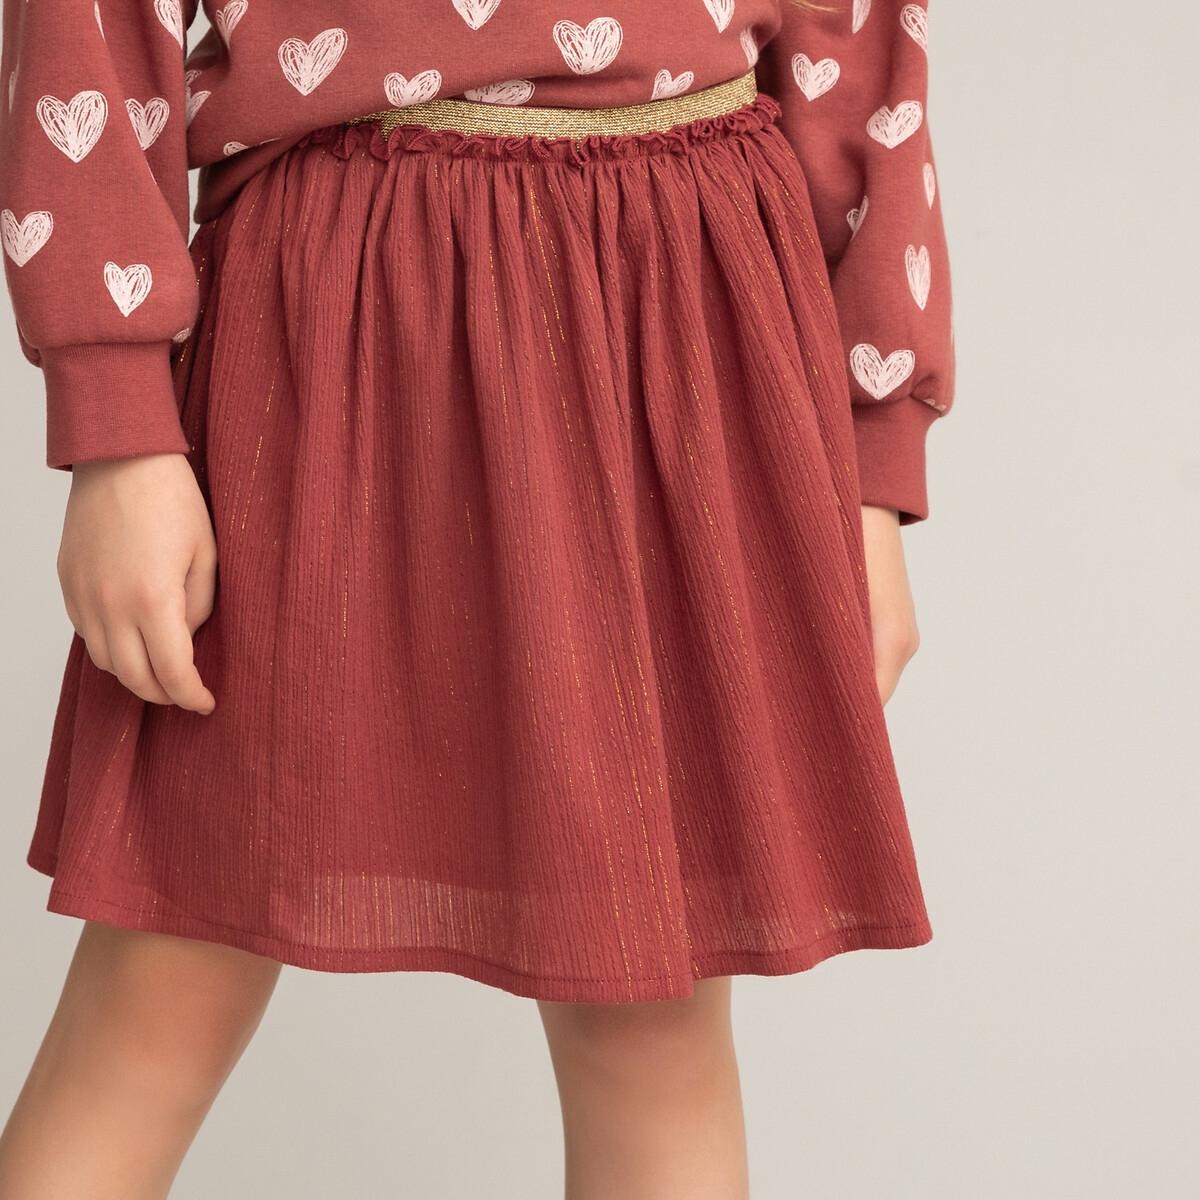 Фото - Юбка LaRedoute Короткая из хлопчатобумажной газовой ткани 3-12 лет 4 года - 102 см каштановый платье laredoute с короткими рукавами из хлопчатобумажной газовой ткани 3 12 лет 3 года 94 см розовый